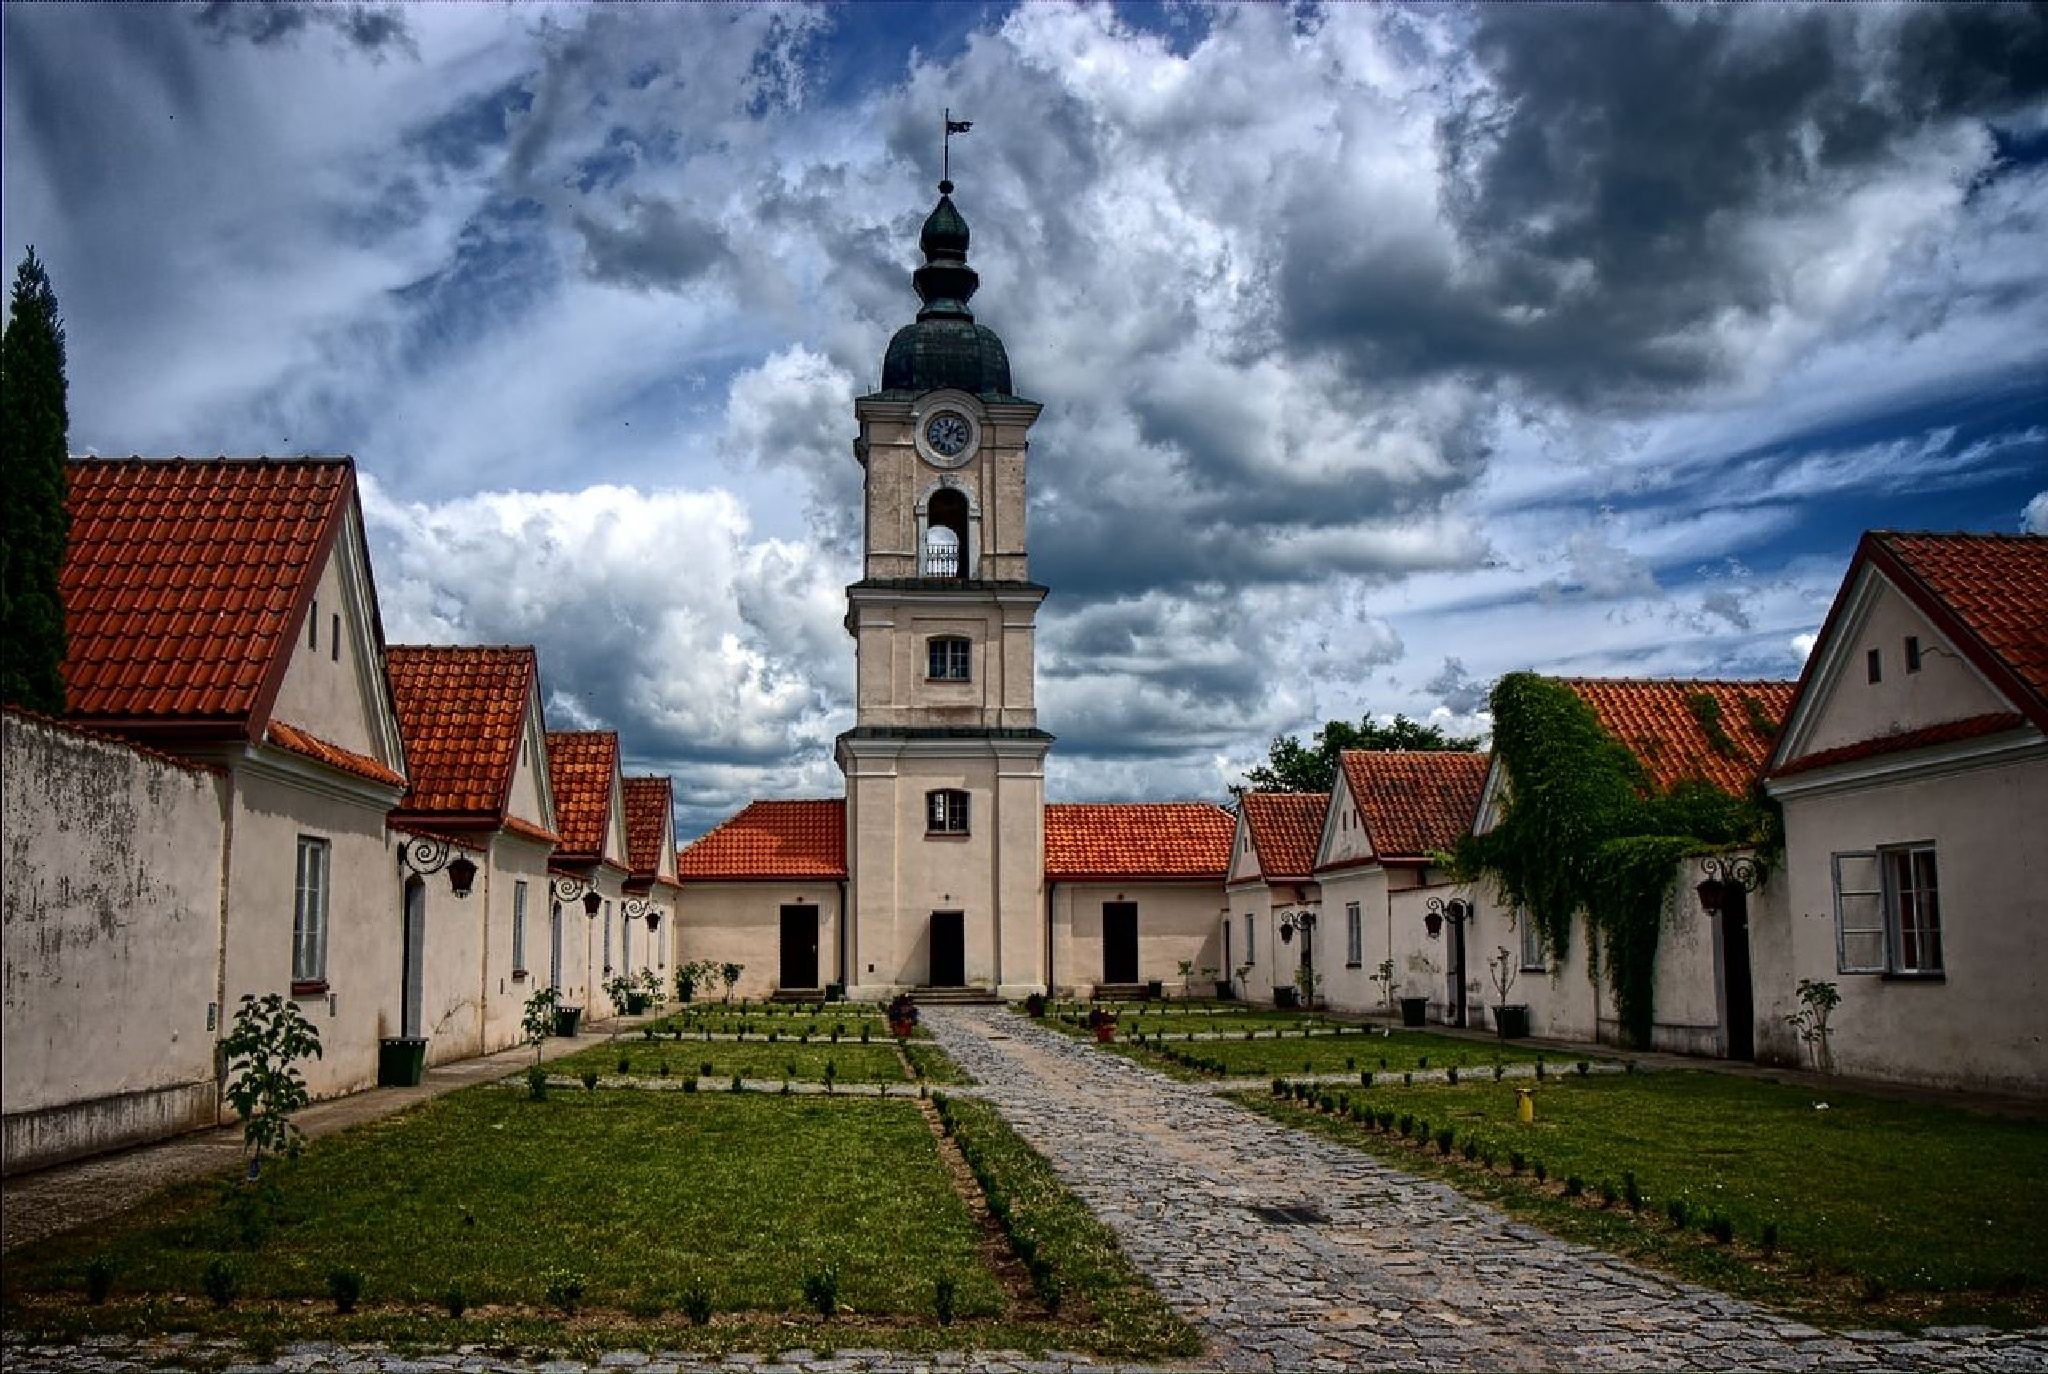 The monastery cloister. Wigry. Poland by Krzysztof Mierzejewski